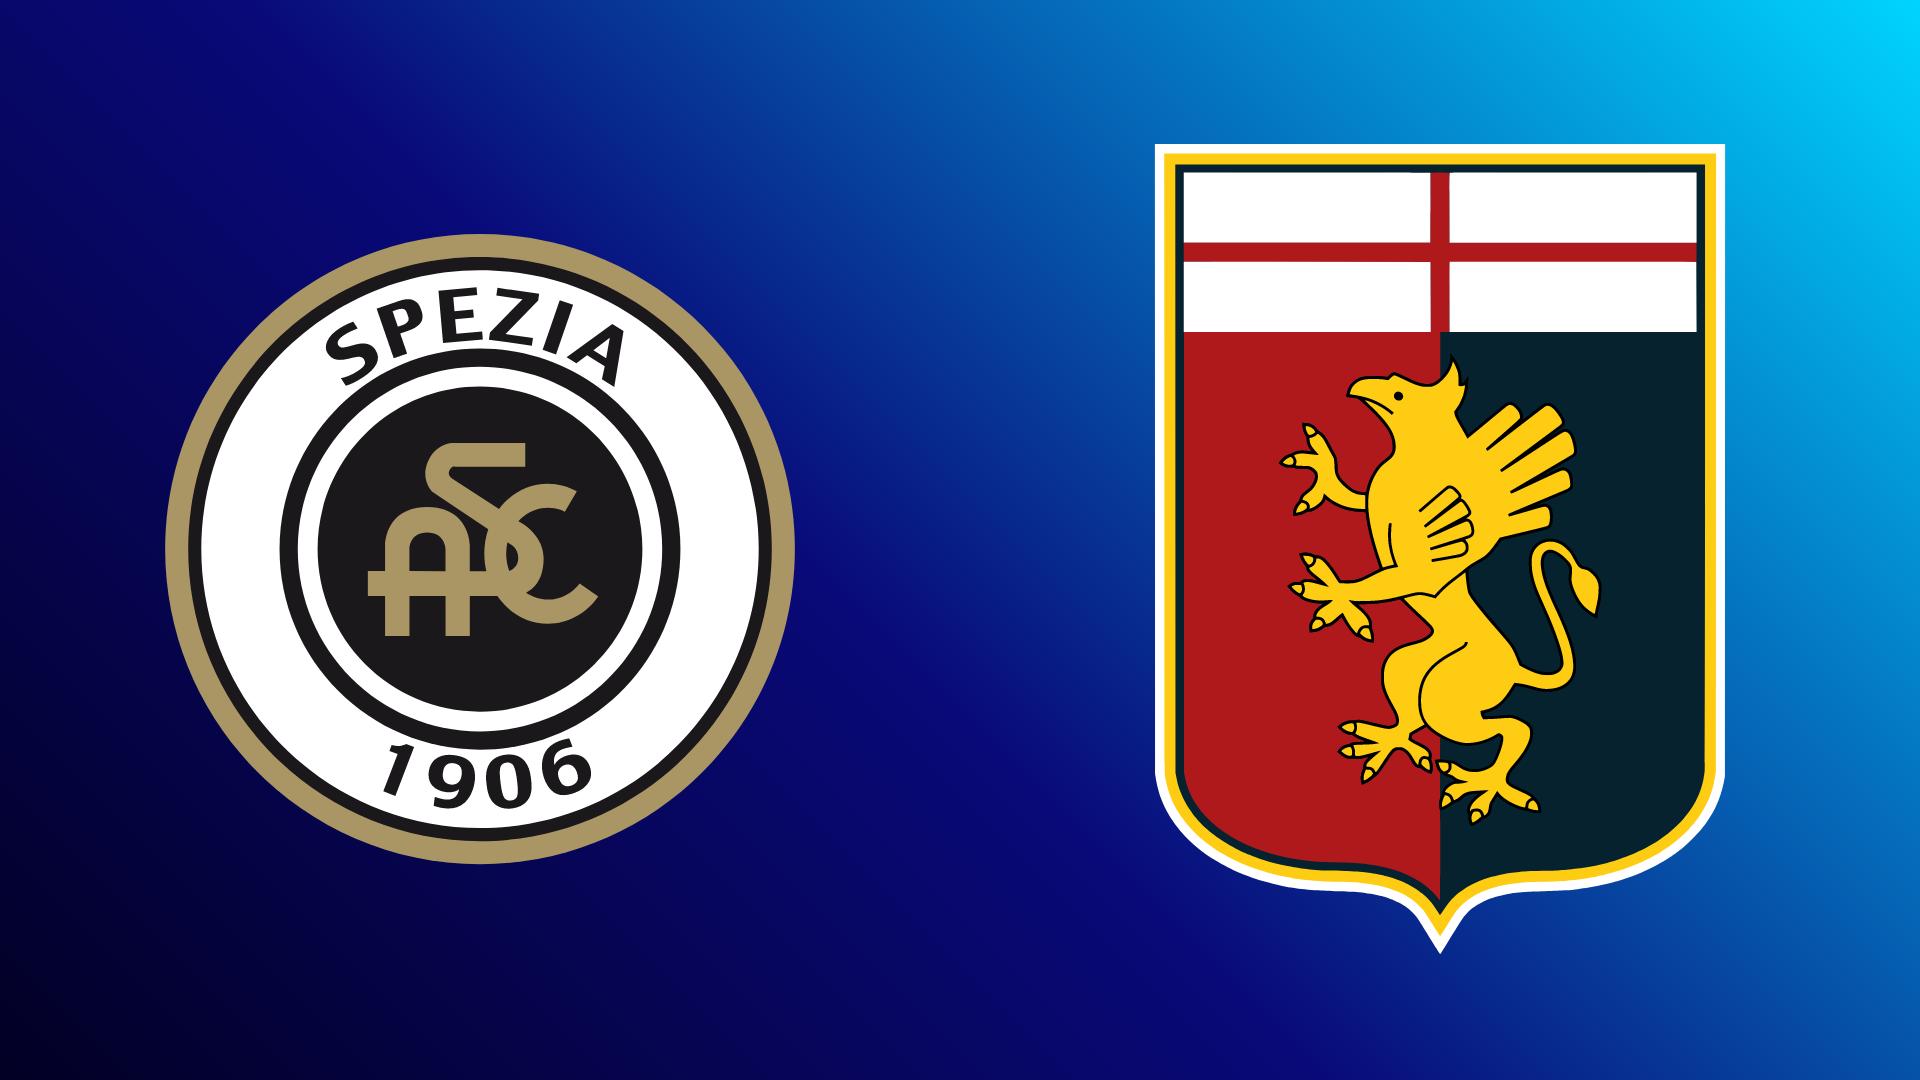 Spezia - CFC Genua 26.10.2021 um 18:30 Uhr auf DAZN